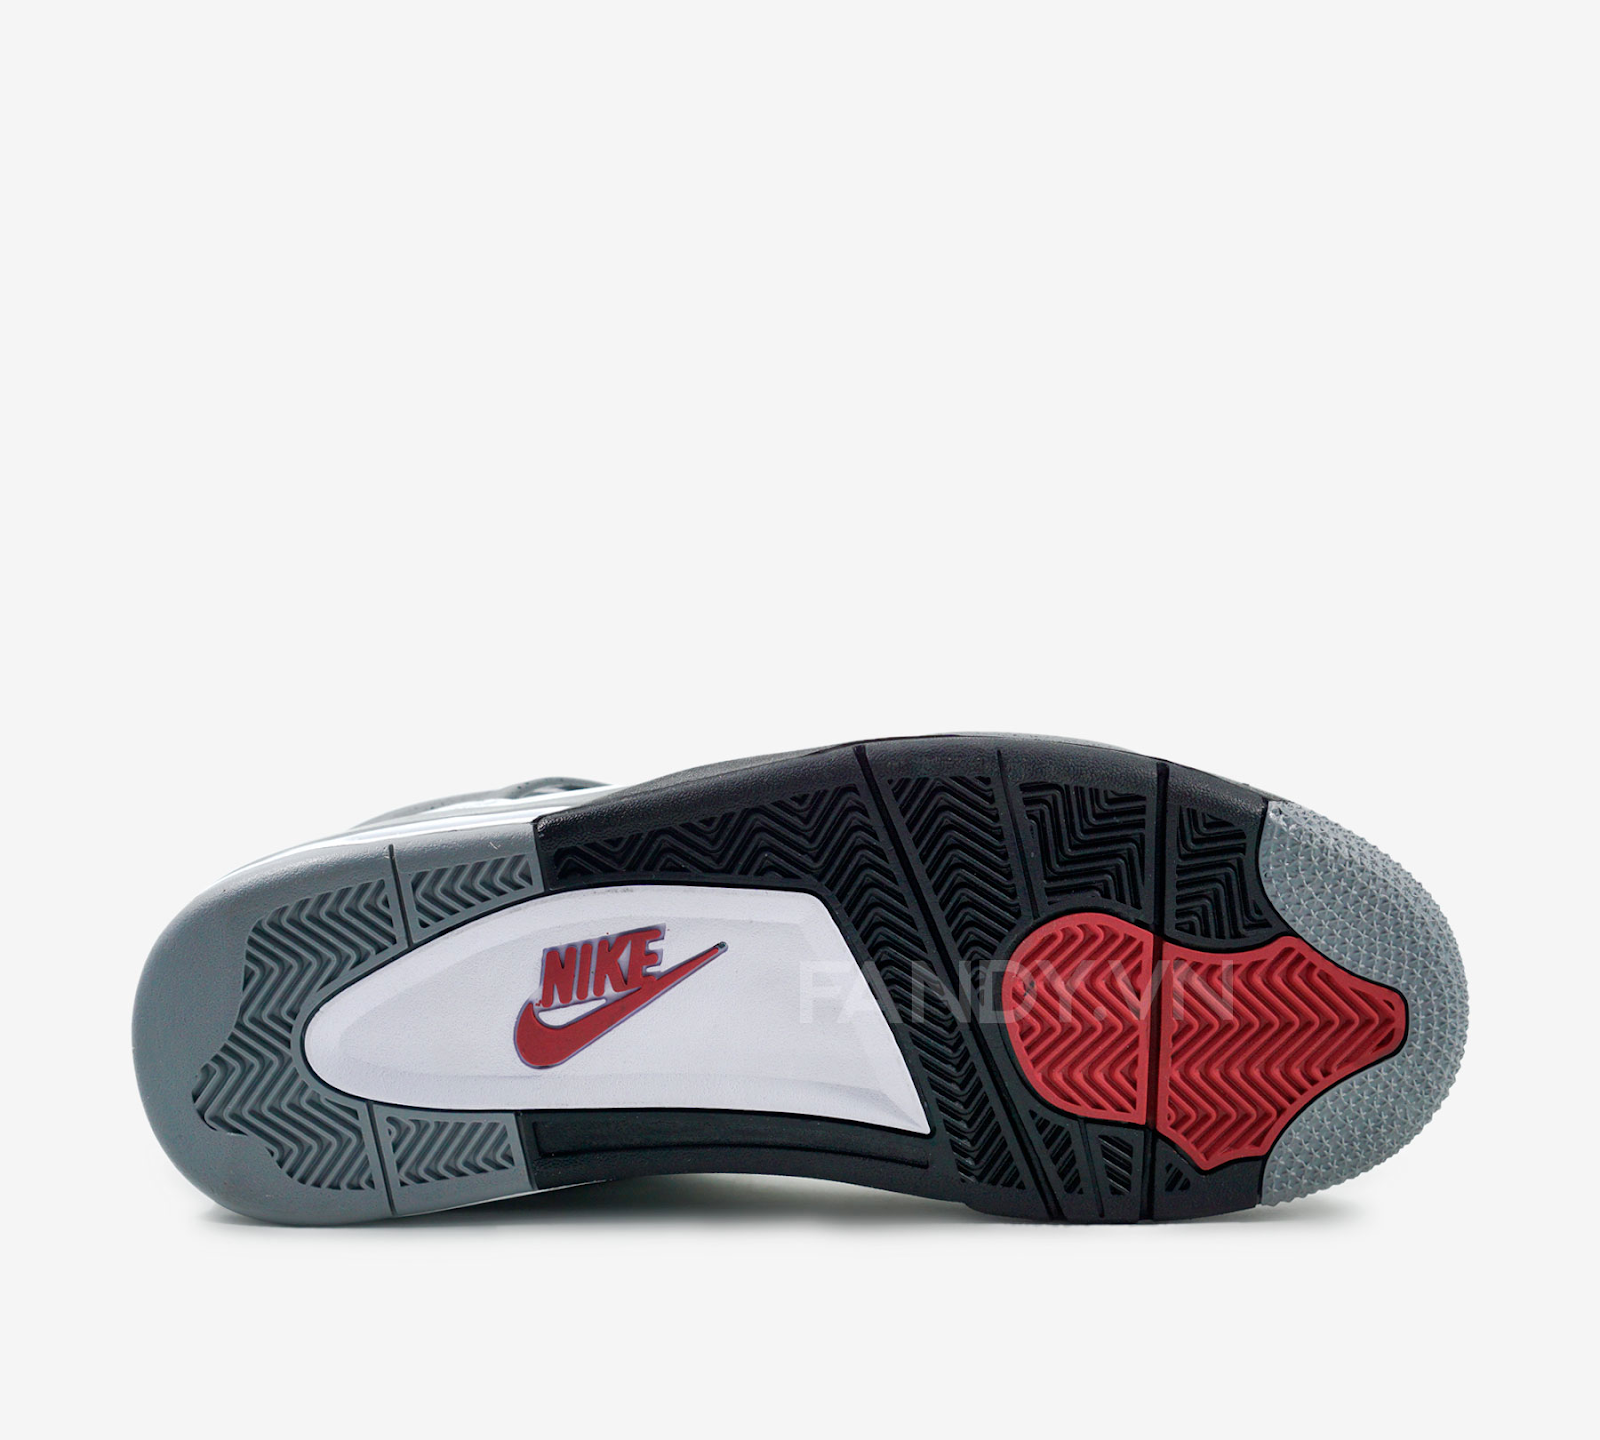 Air Jordan 4 White Cement- đôi giày có thể bạn chưa biết